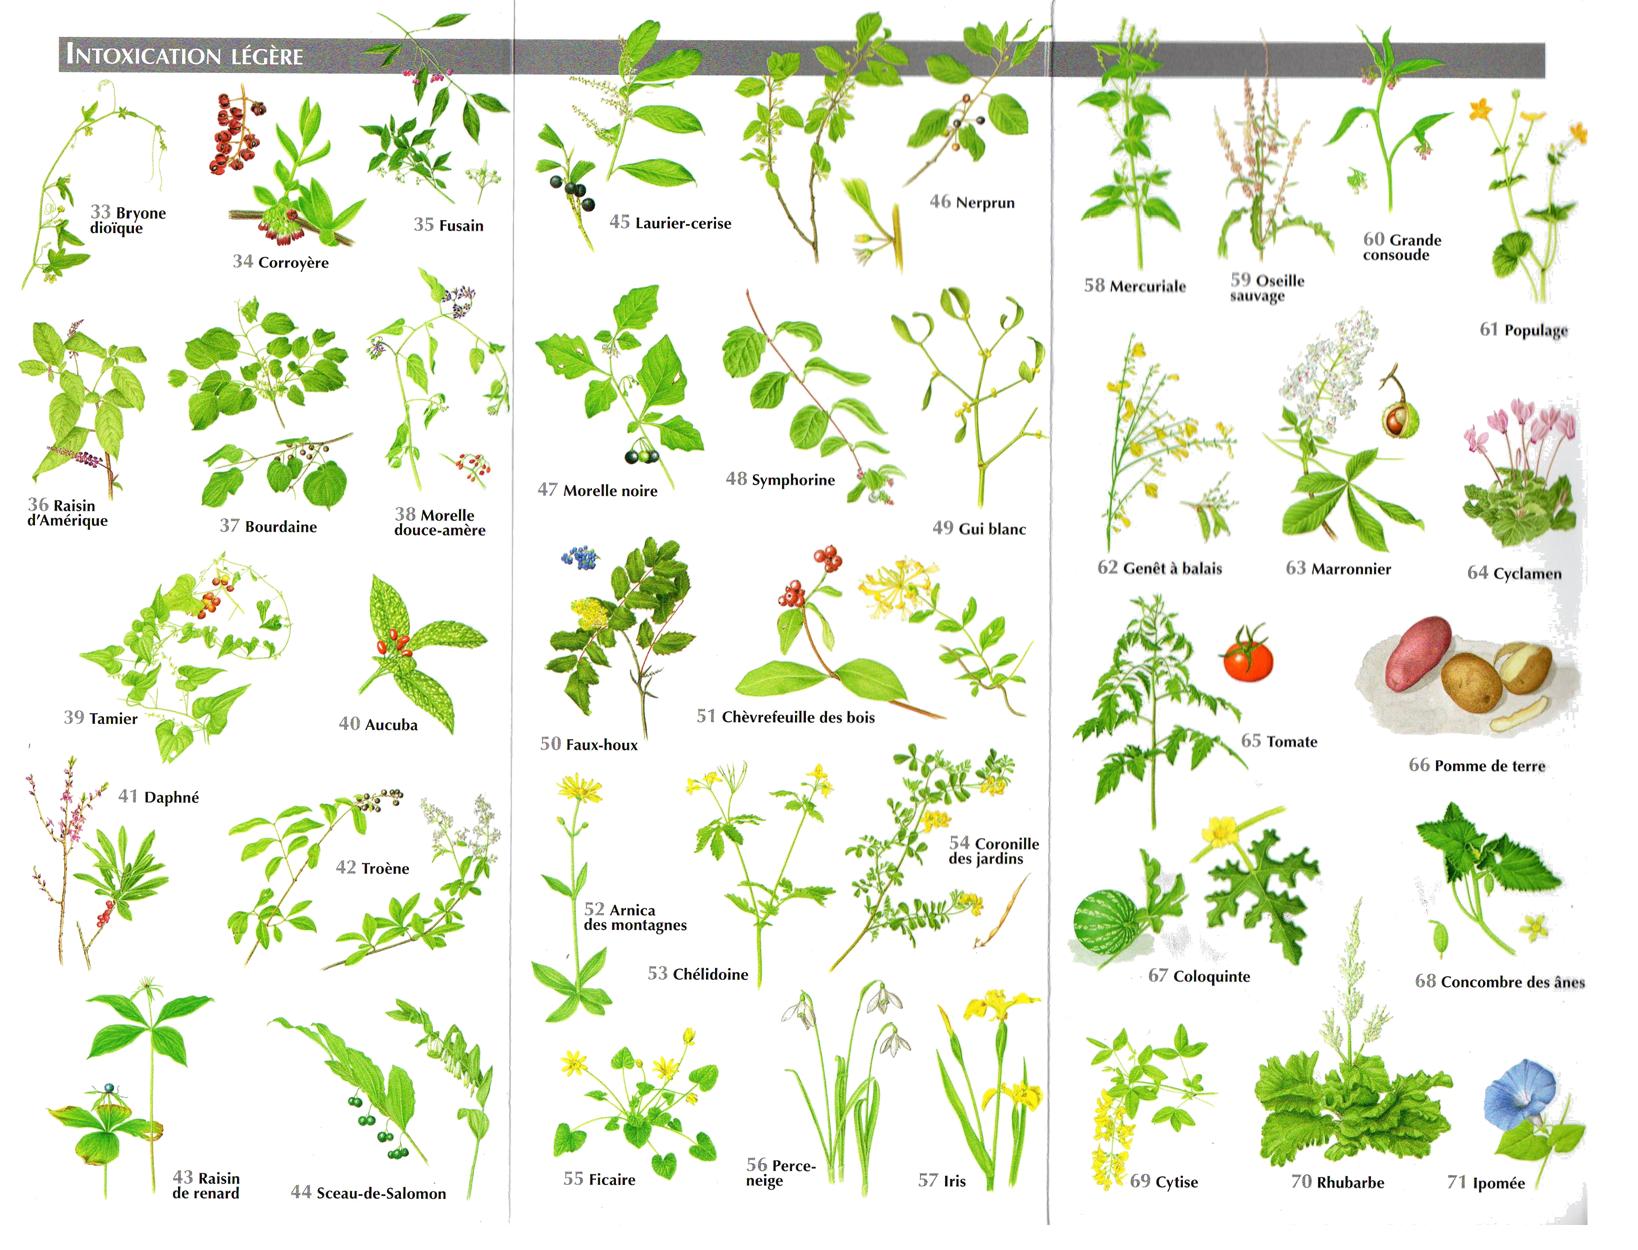 Planche des plantes toxiques plantes m dicinales pinterest plantes toxiques les plantes - Plantes non toxiques pour les chats ...